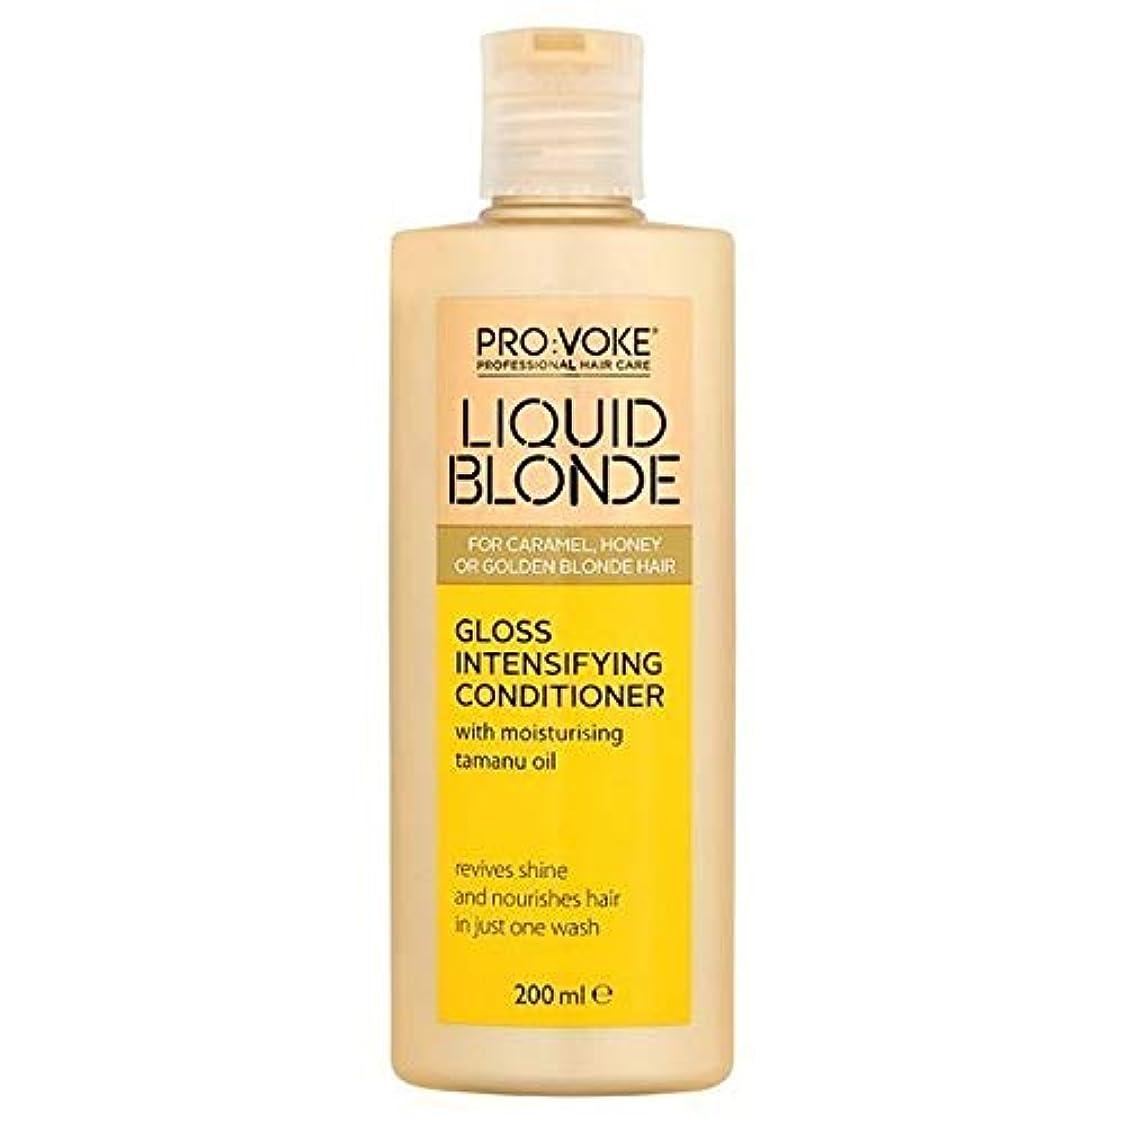 マイクロ自動車プレビュー[Pro:Voke] プロ:Voke液体ブロンド強烈な輝きコンディショナー - PRO:VOKE Liquid Blonde Intense Shine Conditioner [並行輸入品]